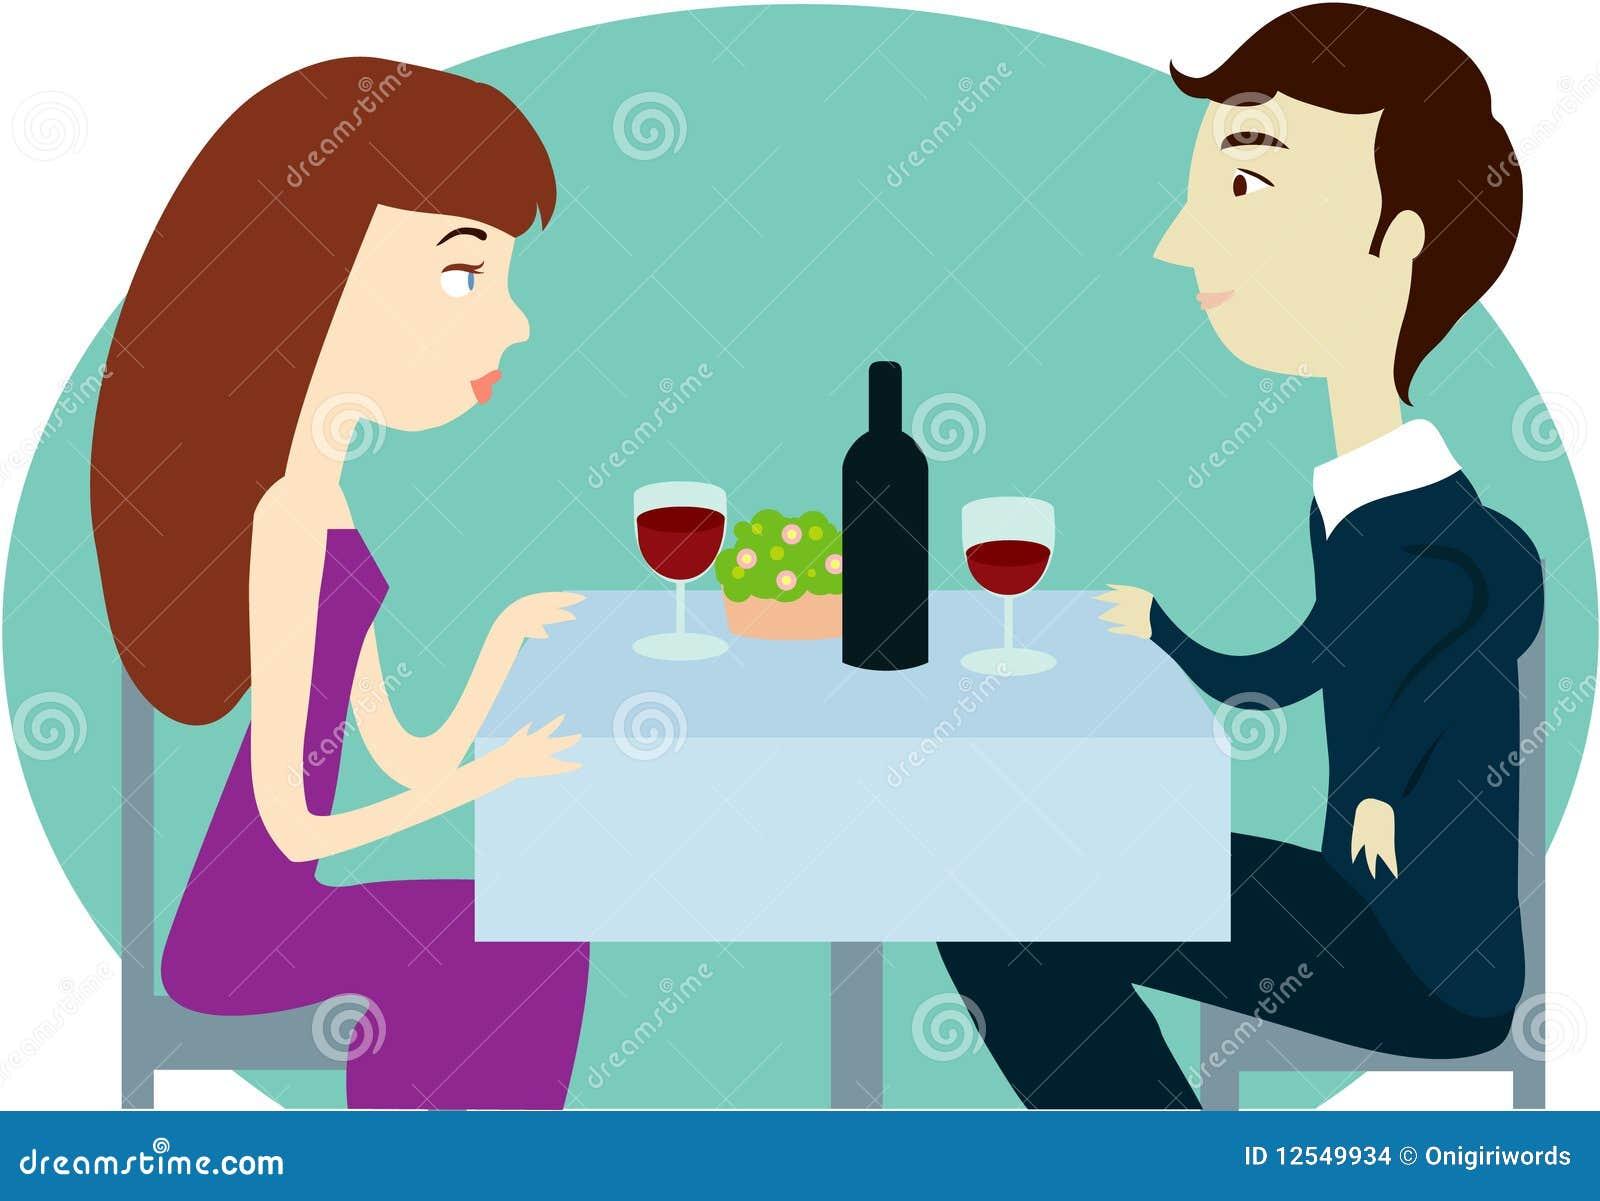 Μαρί Ντίγκμπι και Σαμ μίλμπυ dating βγαίνω με μια 60 χρονών γυναίκα